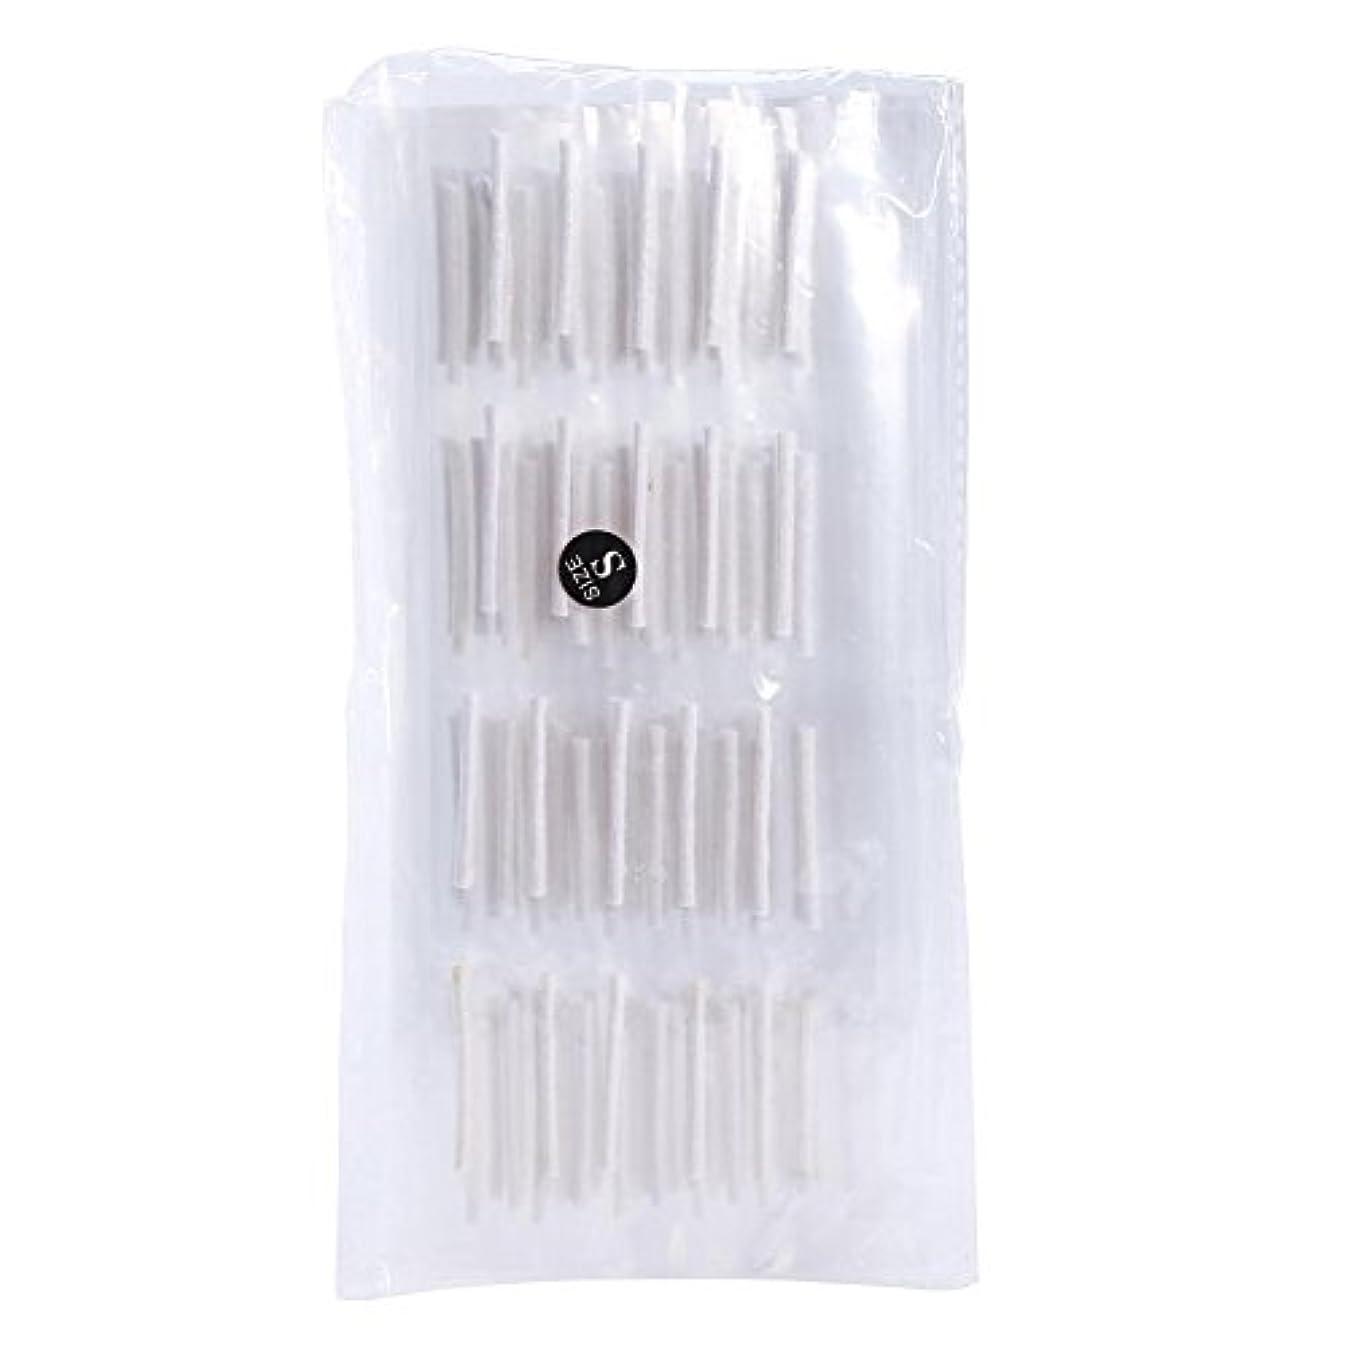 完璧な引き受ける迷惑2 サイズ 200ピースのまつげ ウェーブスティック棒 まつげエクステンションツール(S)